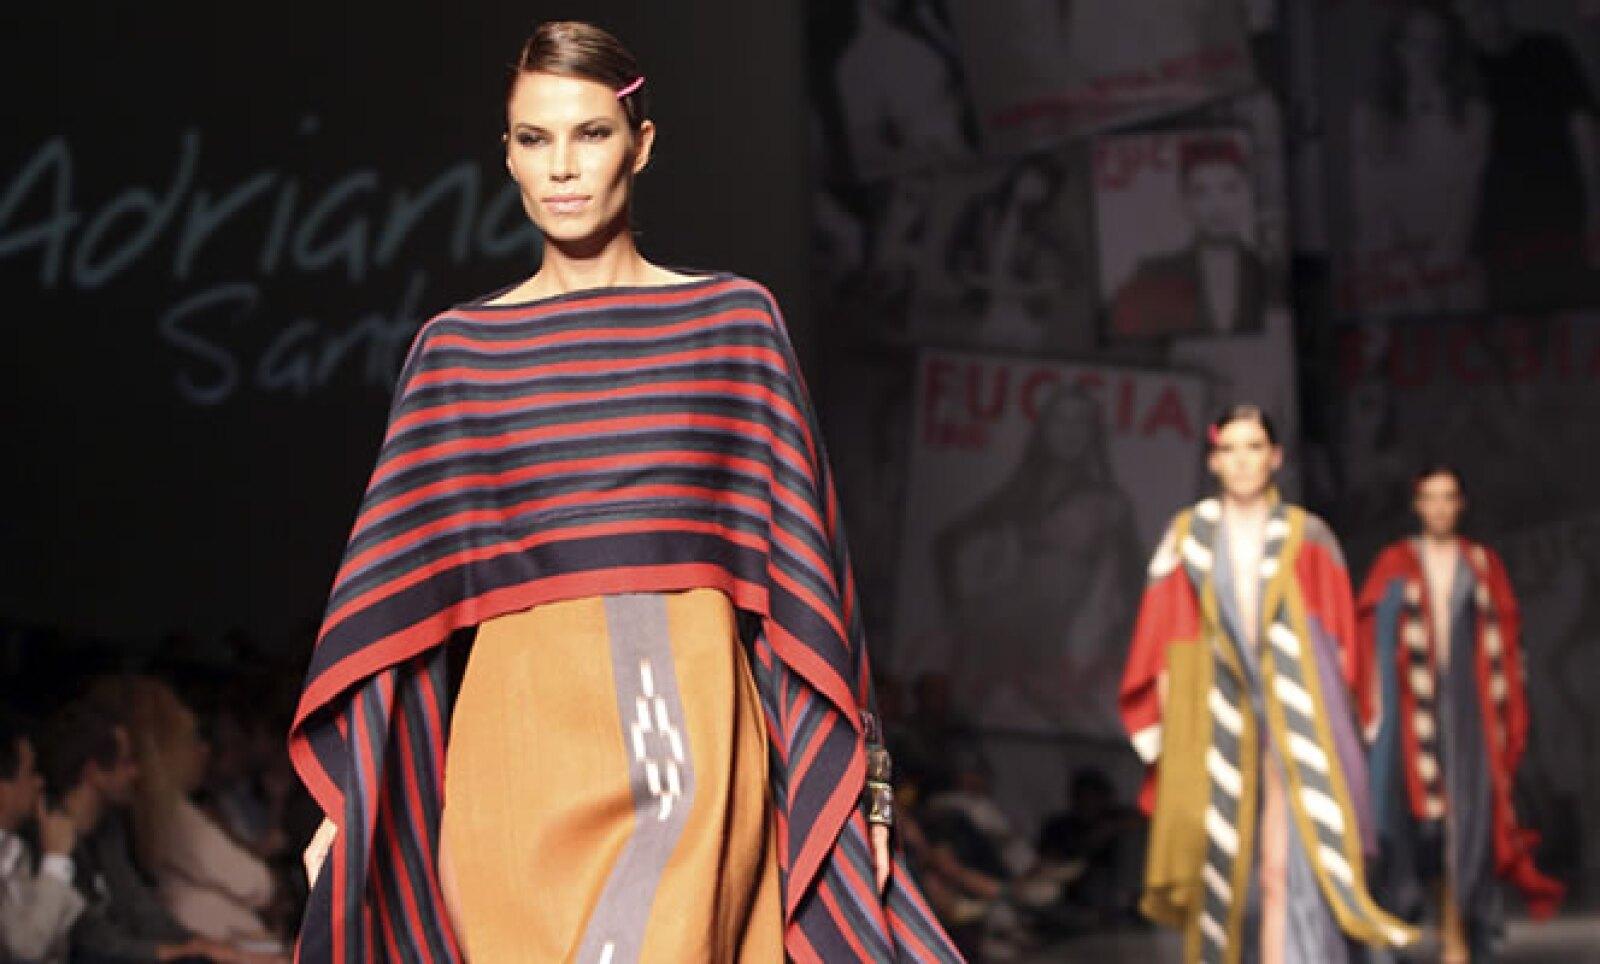 El cierre fue para la marca colombiana de ropa Santacruz, la cual recibió los aplausos por su elegancia y estilo.